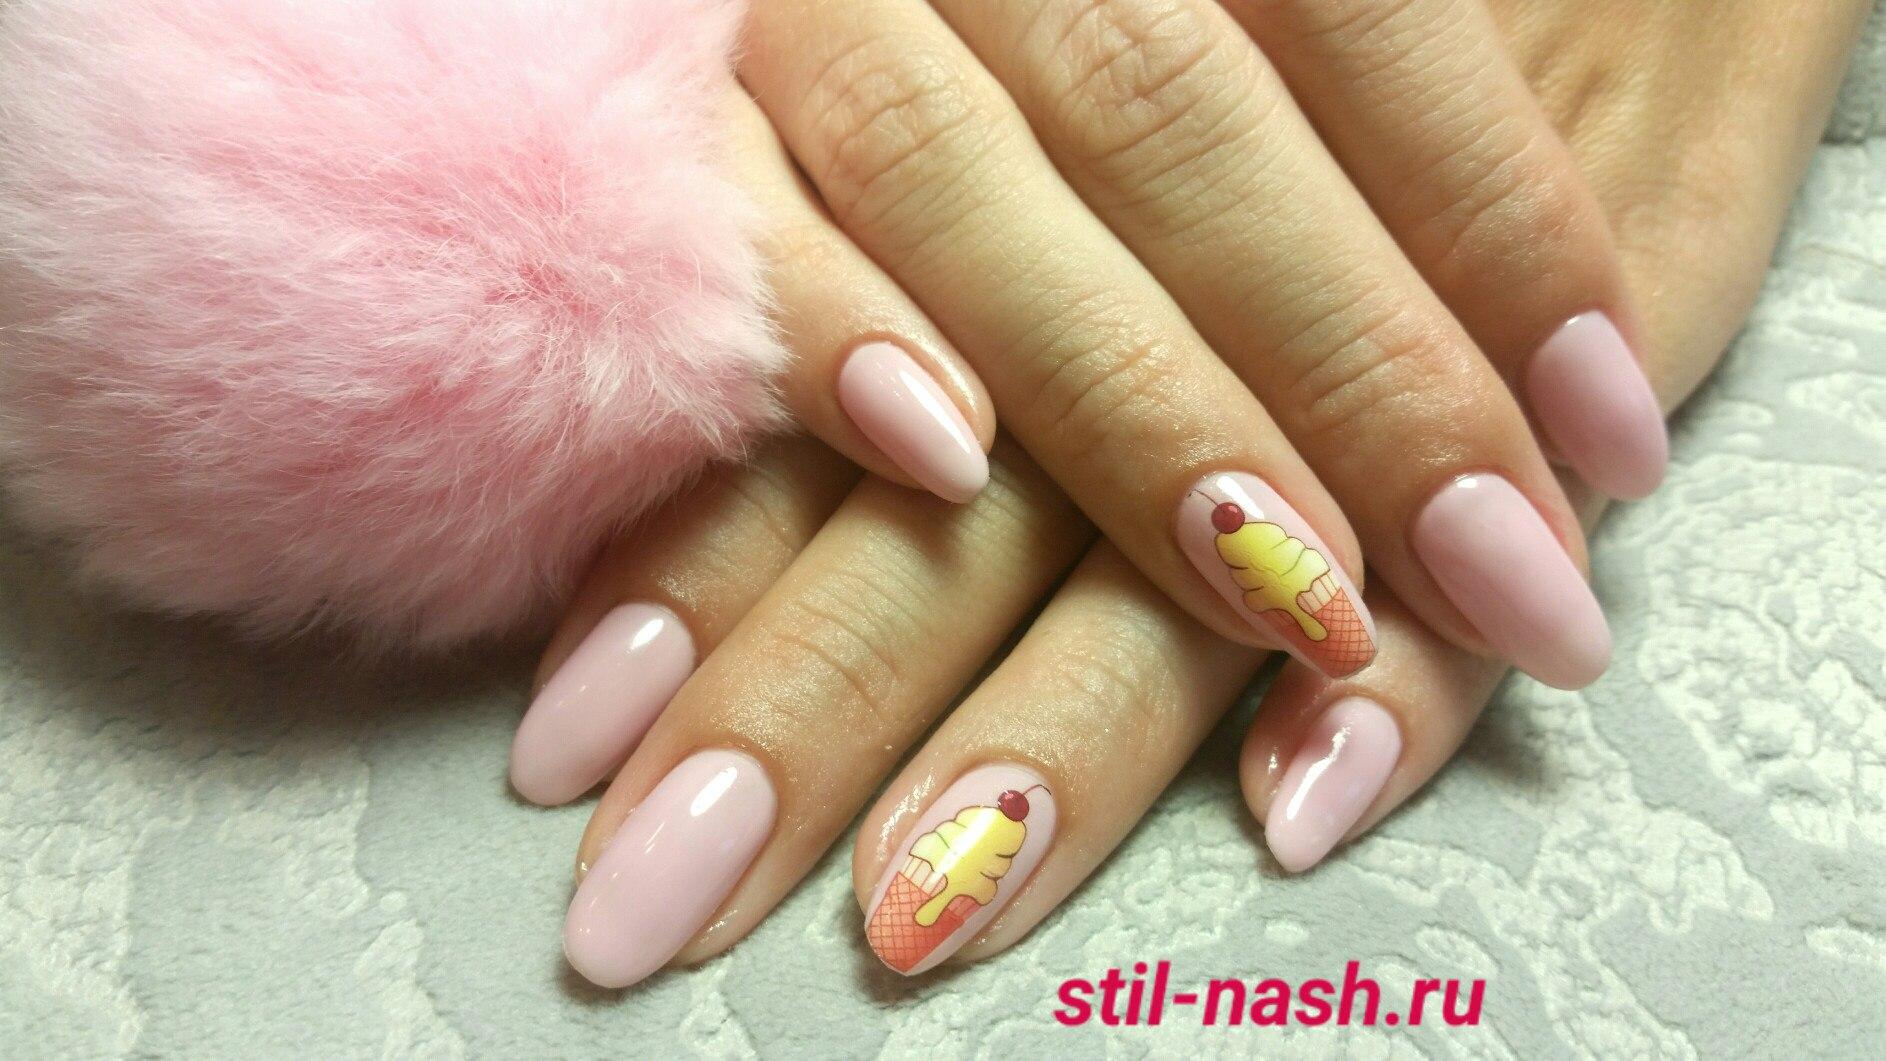 Маникюр с нежно розовым и нежно желтым